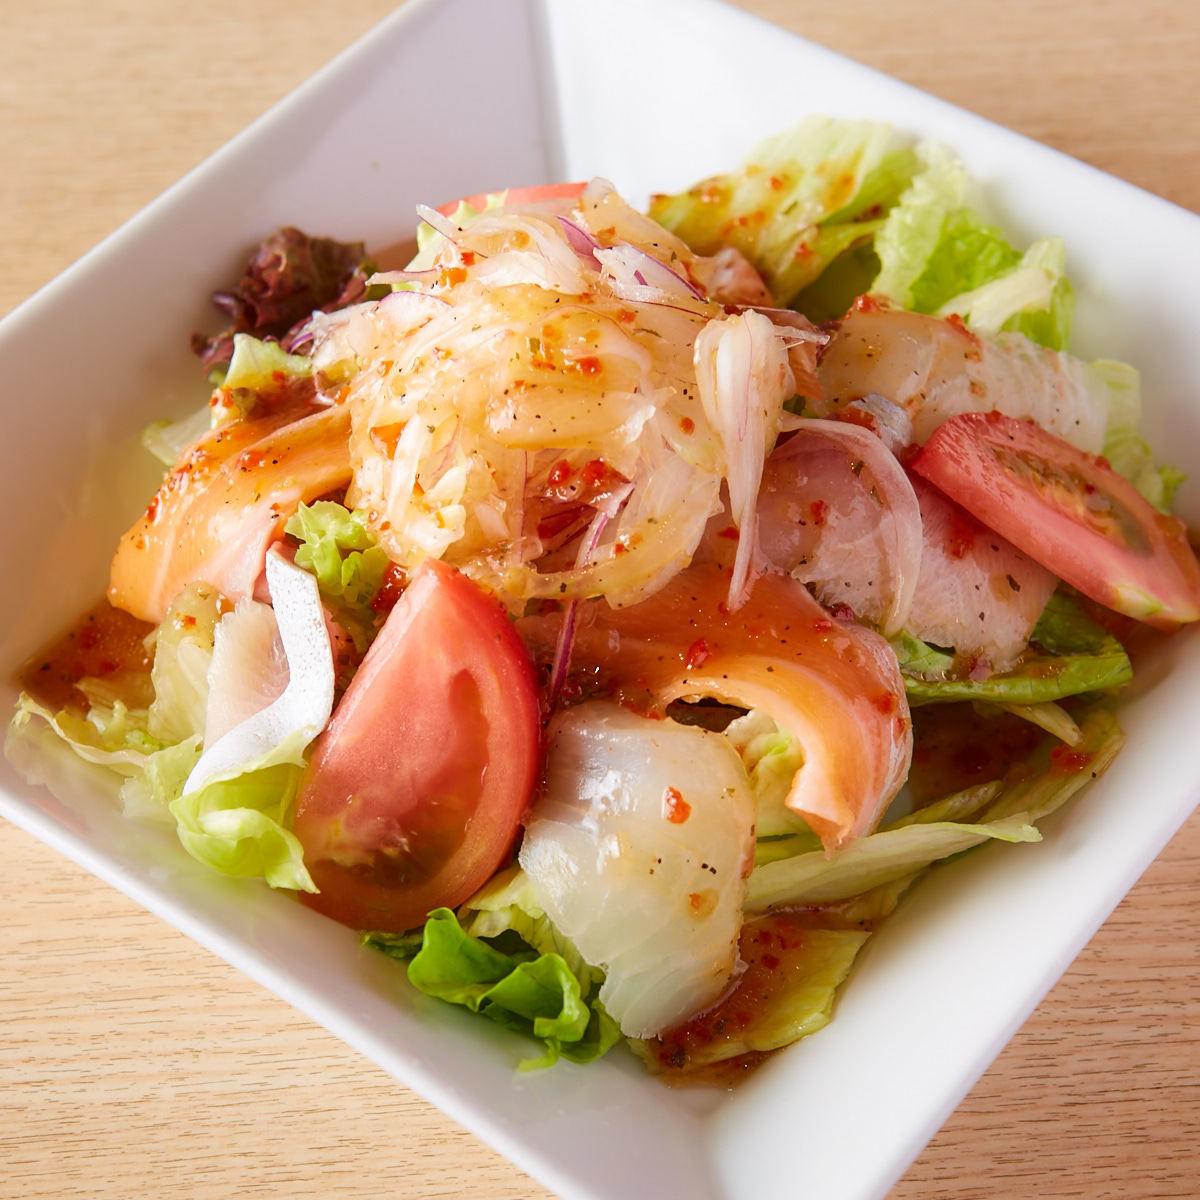 海鲜樱桃沙拉沙拉味